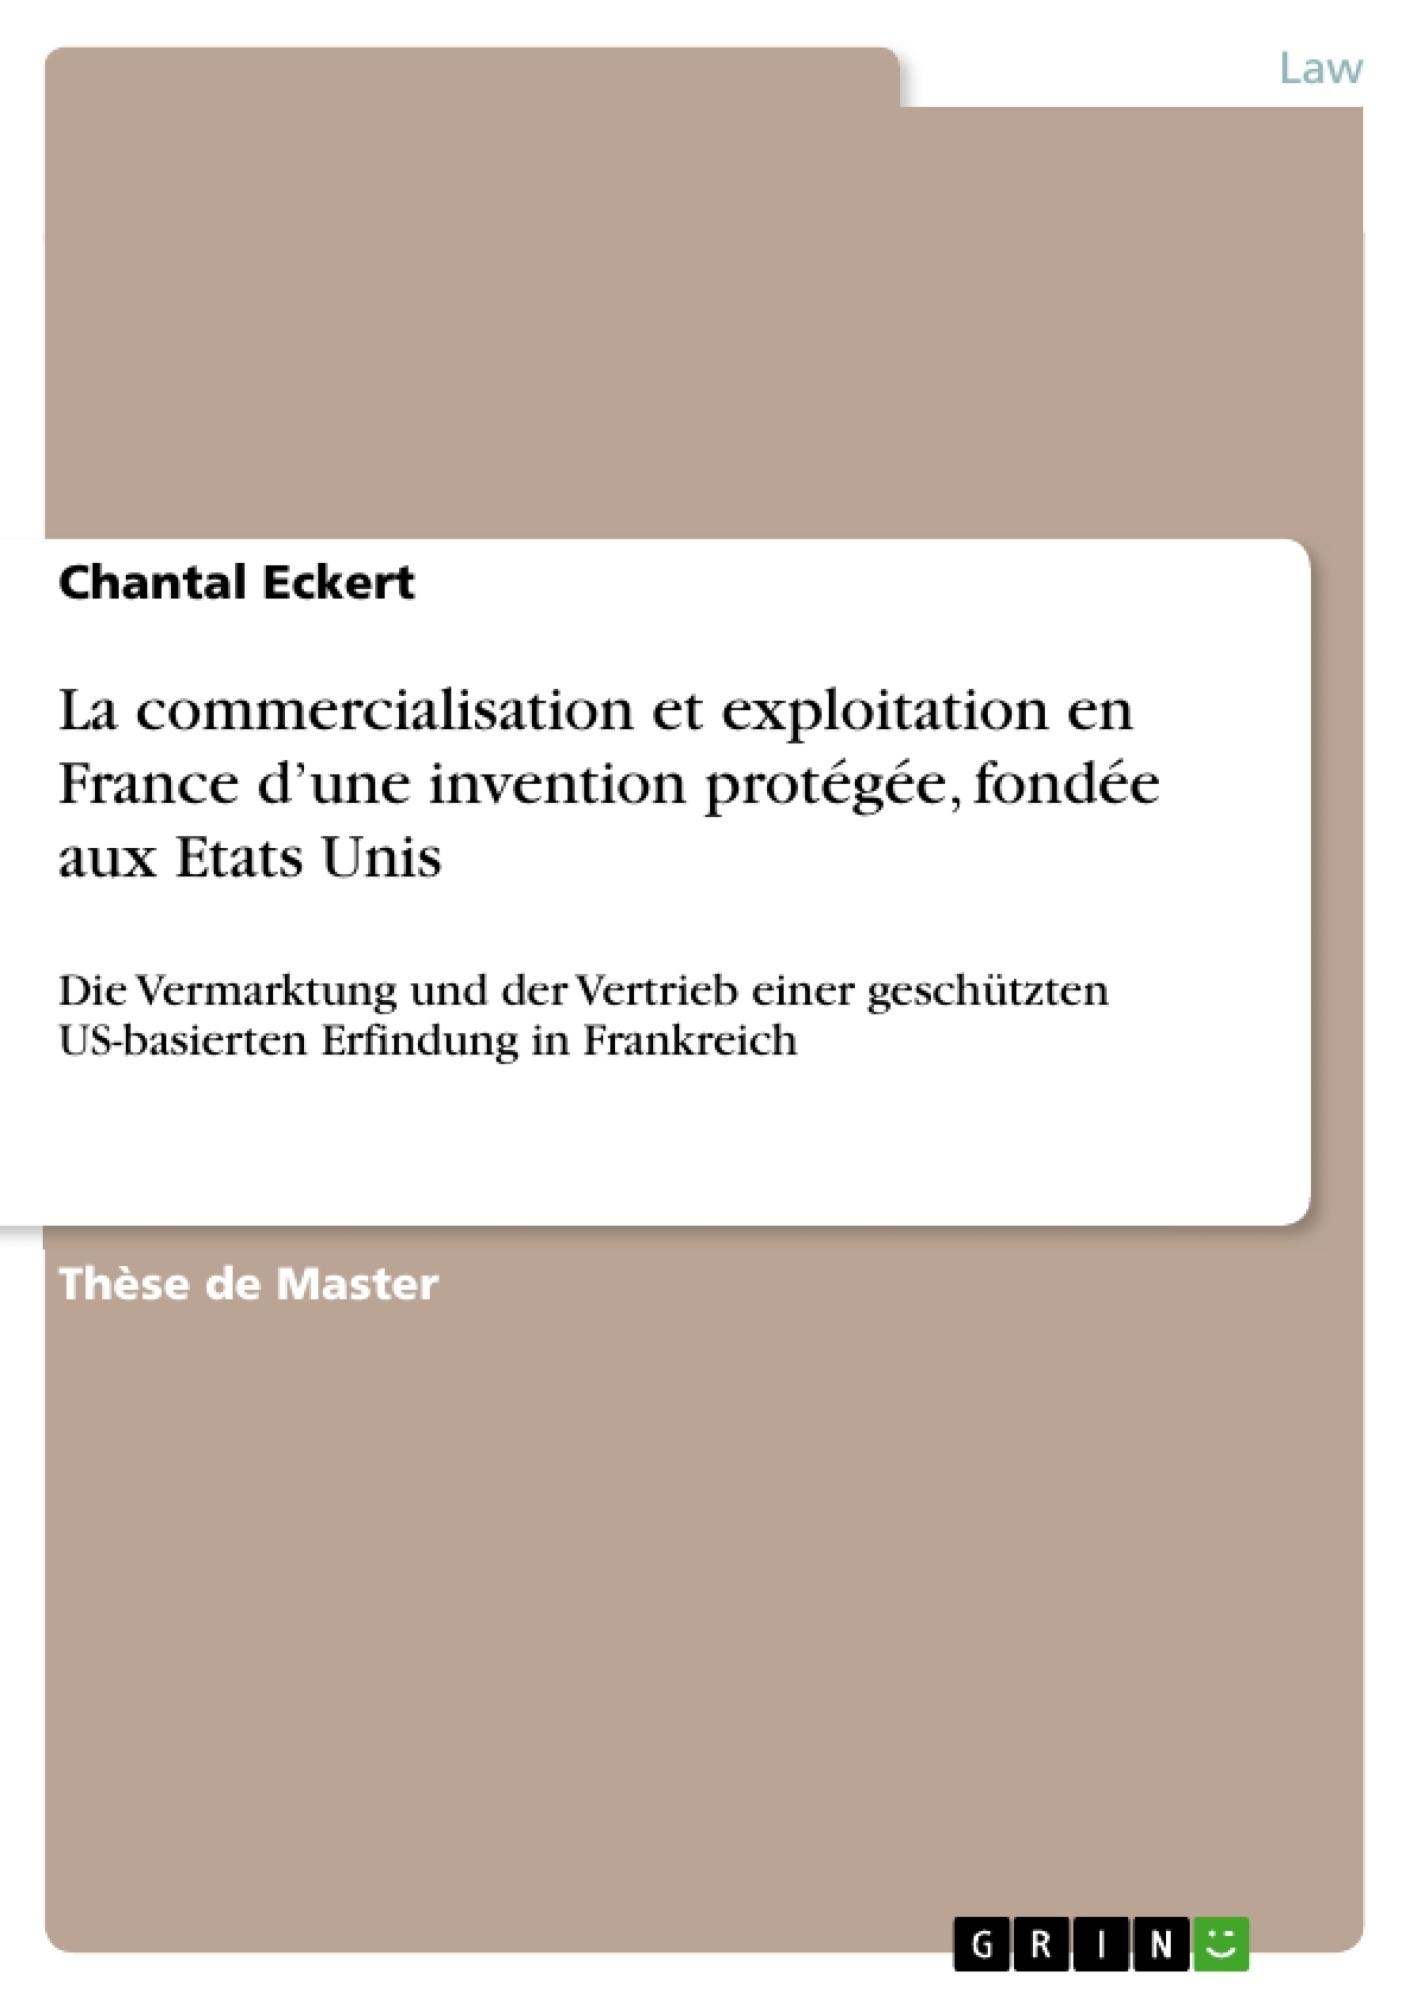 Titre: La commercialisation et exploitation en France d'une invention protégée, fondée aux Etats Unis